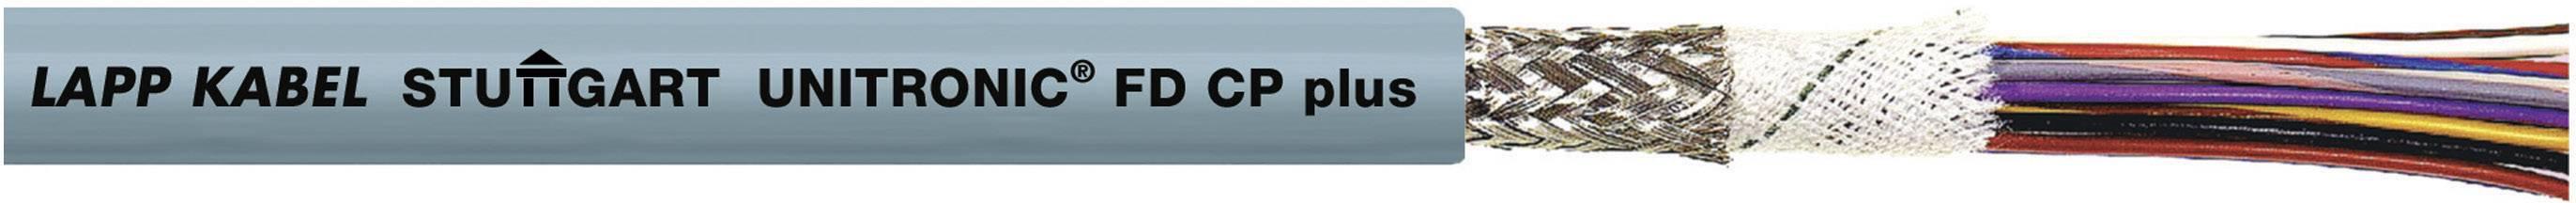 Datový kabel LappKabel UNITRONIC FD CP plus 4X0,34 (0028900), 4x 0,34 mm², Ø 6,3 mm, stíněný, 1 m, šedá